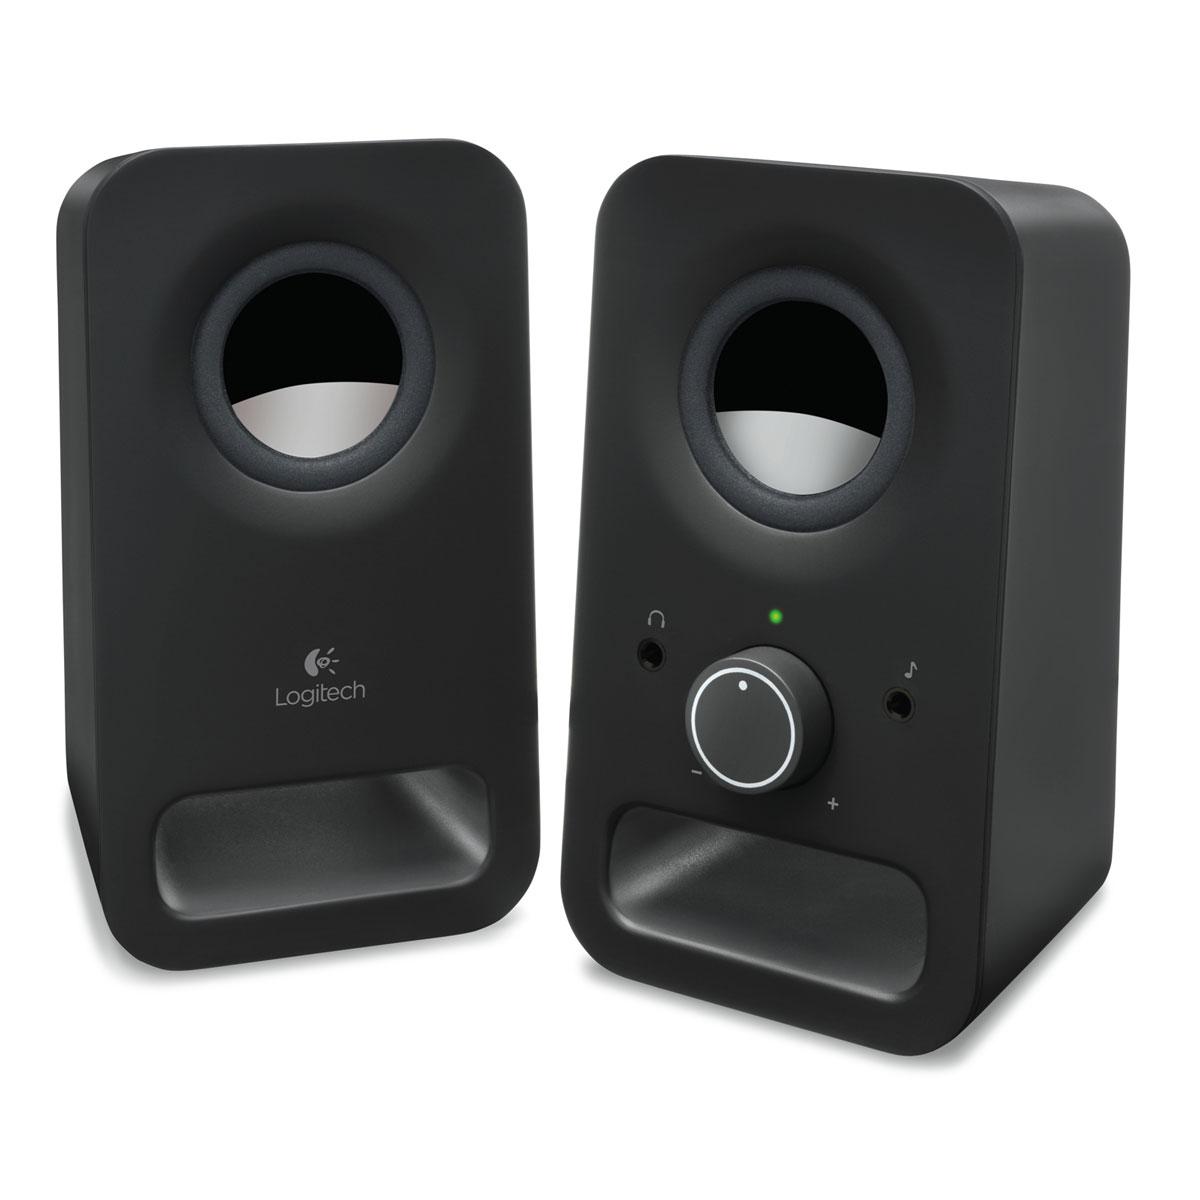 Enceinte PC Logitech Multimedia Speakers Z150 Noir Ensemble 2.0 - 3 Watts - Jack 3.5 mm